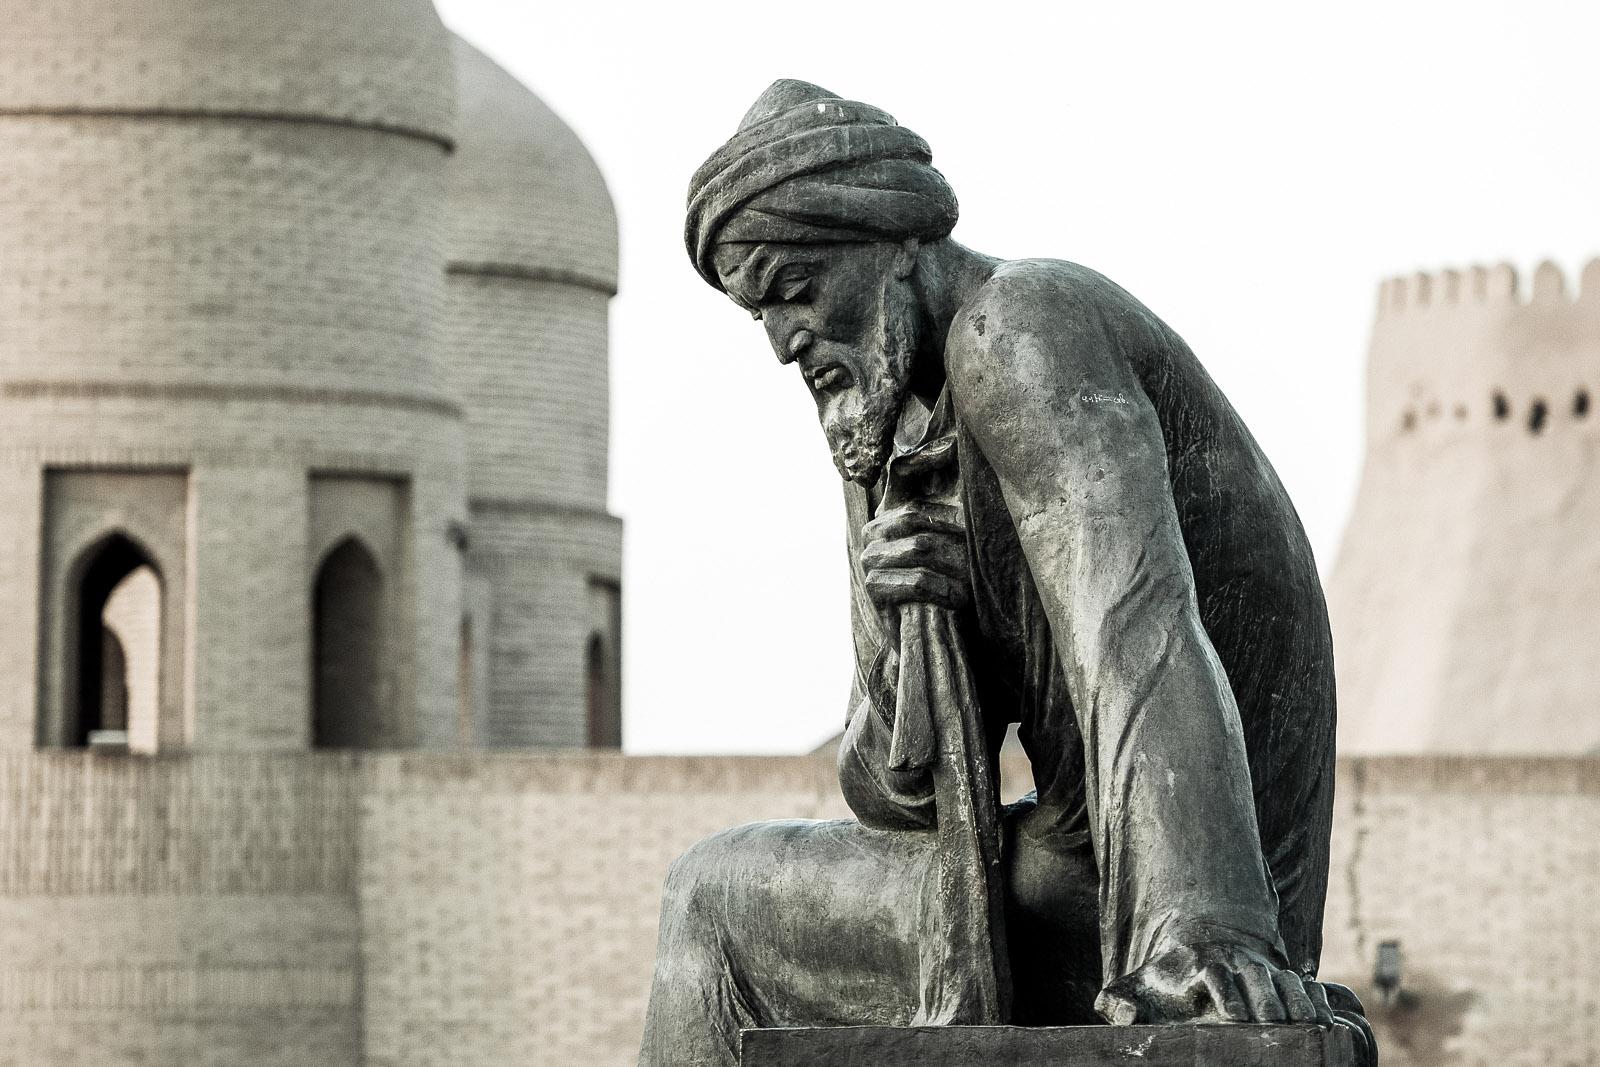 Estatua en honor a Al-Juarismi. Foto © Ezequiel Scagnetti.